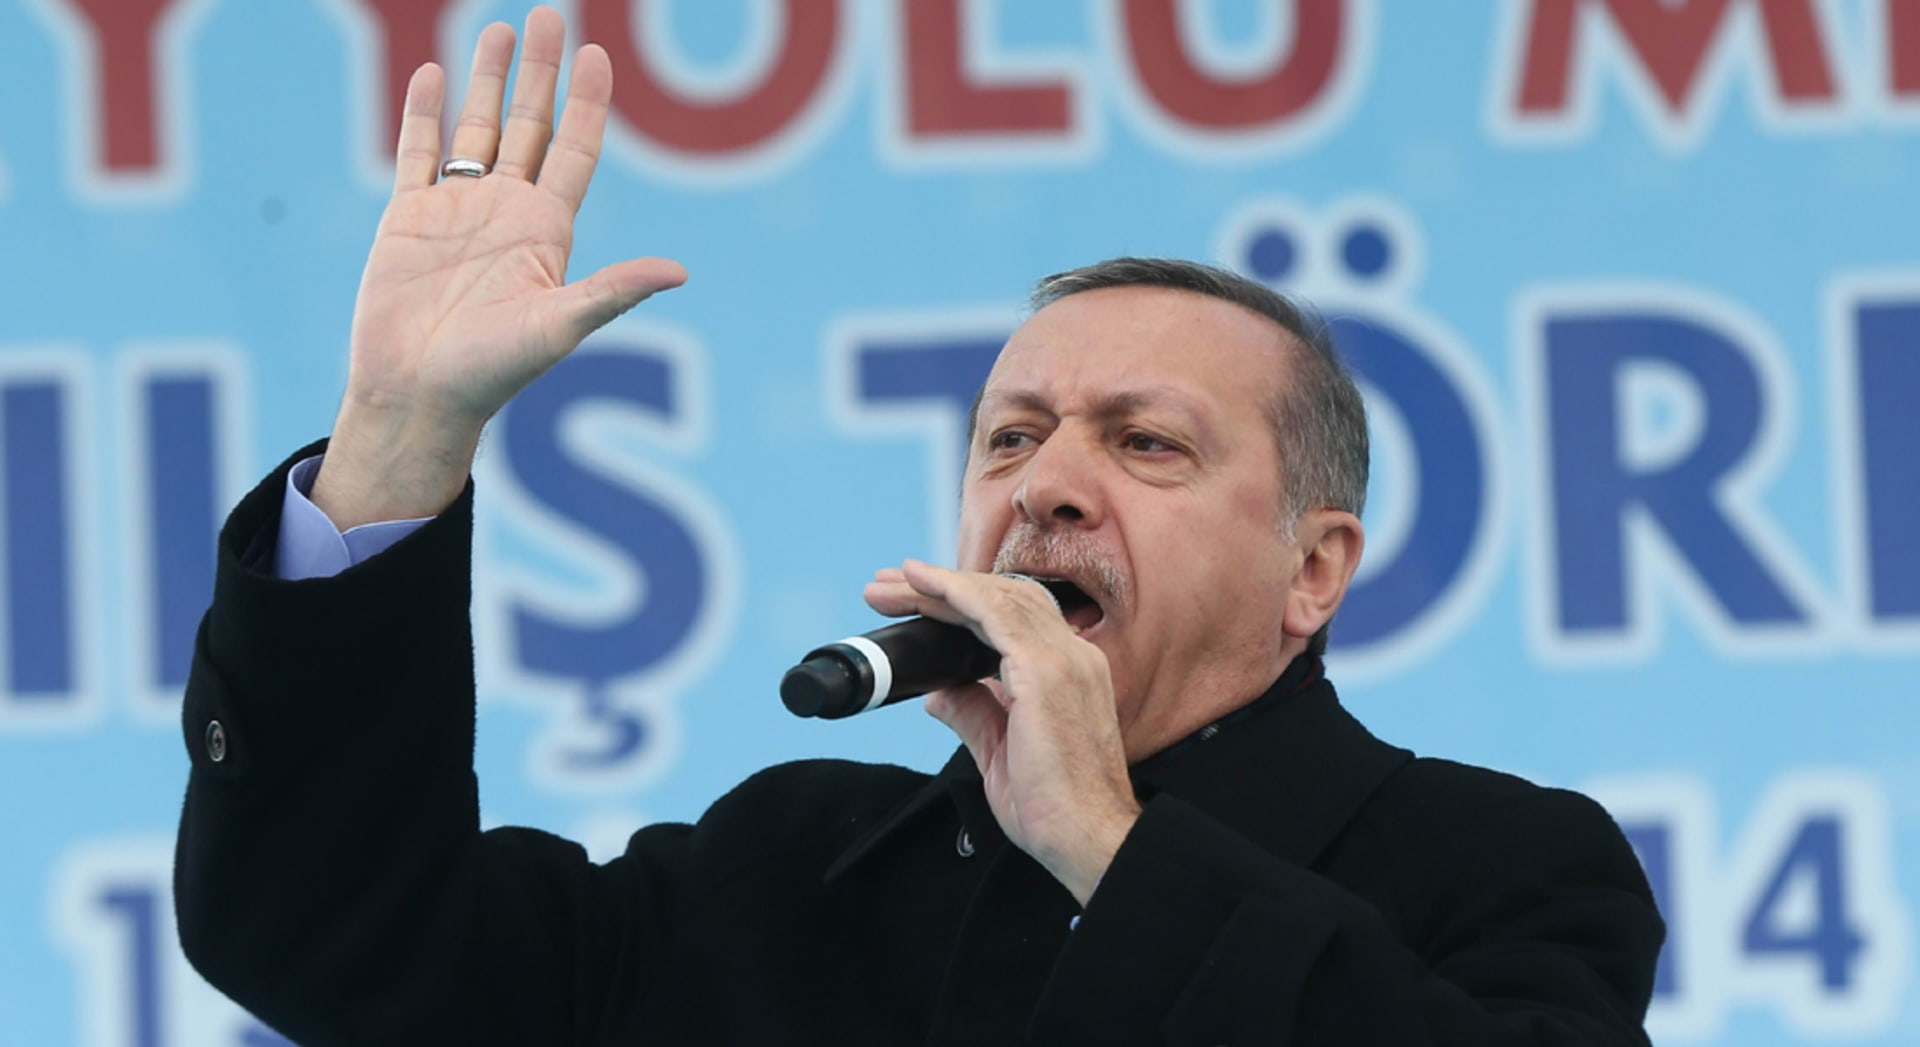 """إرباك بخدمة """"تويتر"""" بتركيا عقب تعهد رئيس الوزراء  بـ""""محوها"""""""